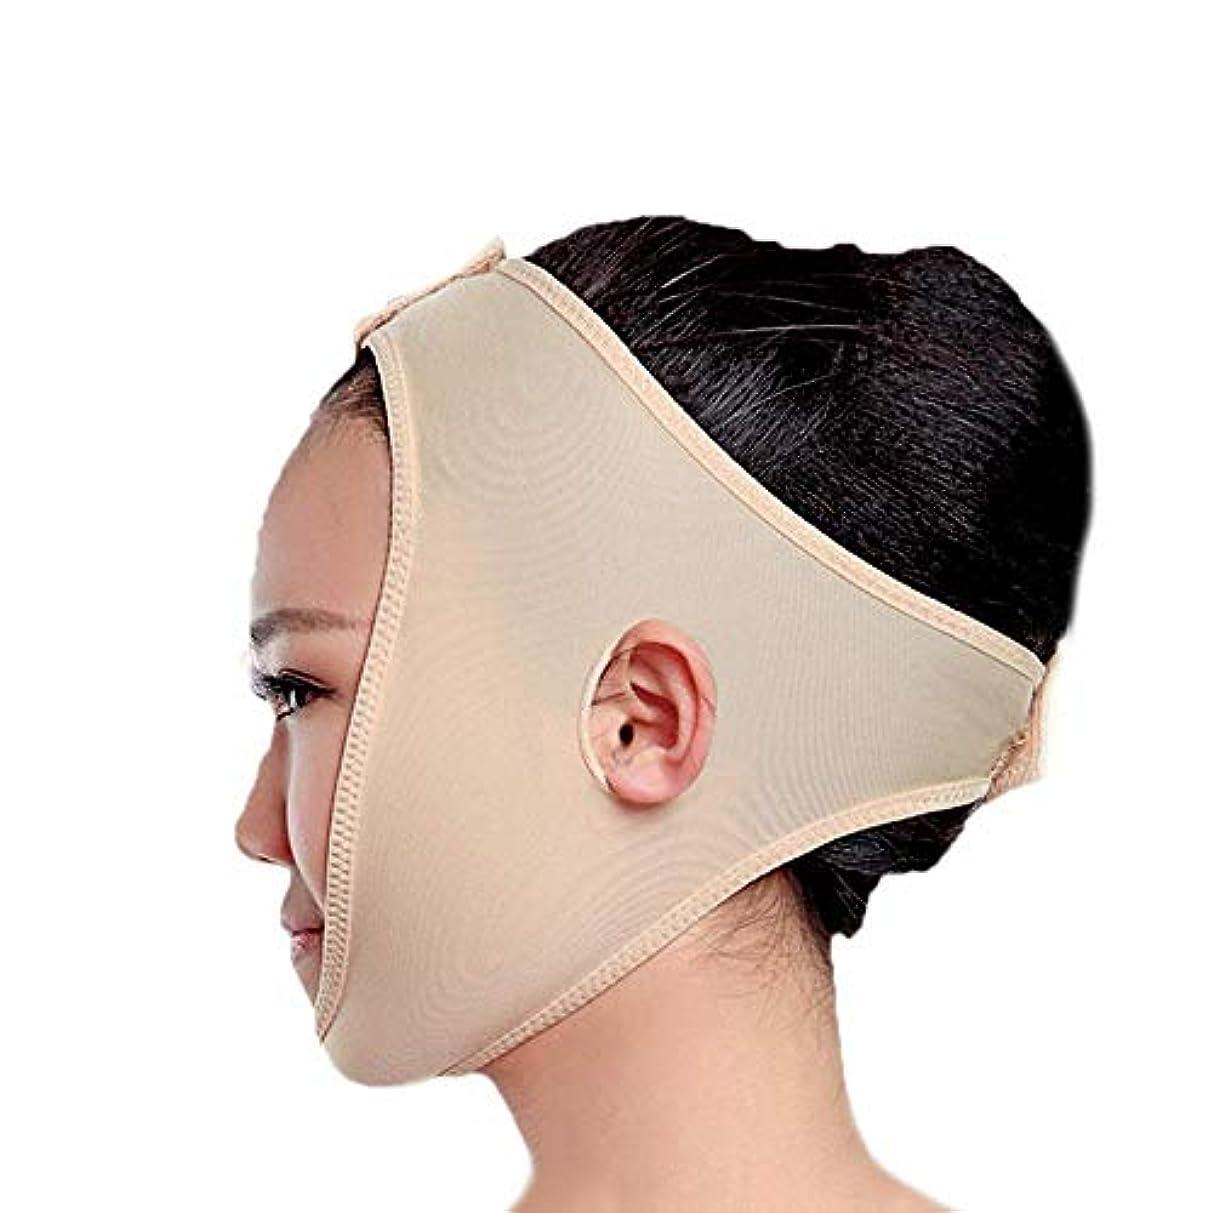 膜イデオロギーなだめるフェイススリミングマスク、快適さと通気性、フェイシャルリフティング、輪郭の改善された硬さ、ファーミングとリフティングフェイス(カラー:ブラック、サイズ:XL),黄色がかったピンク2、M